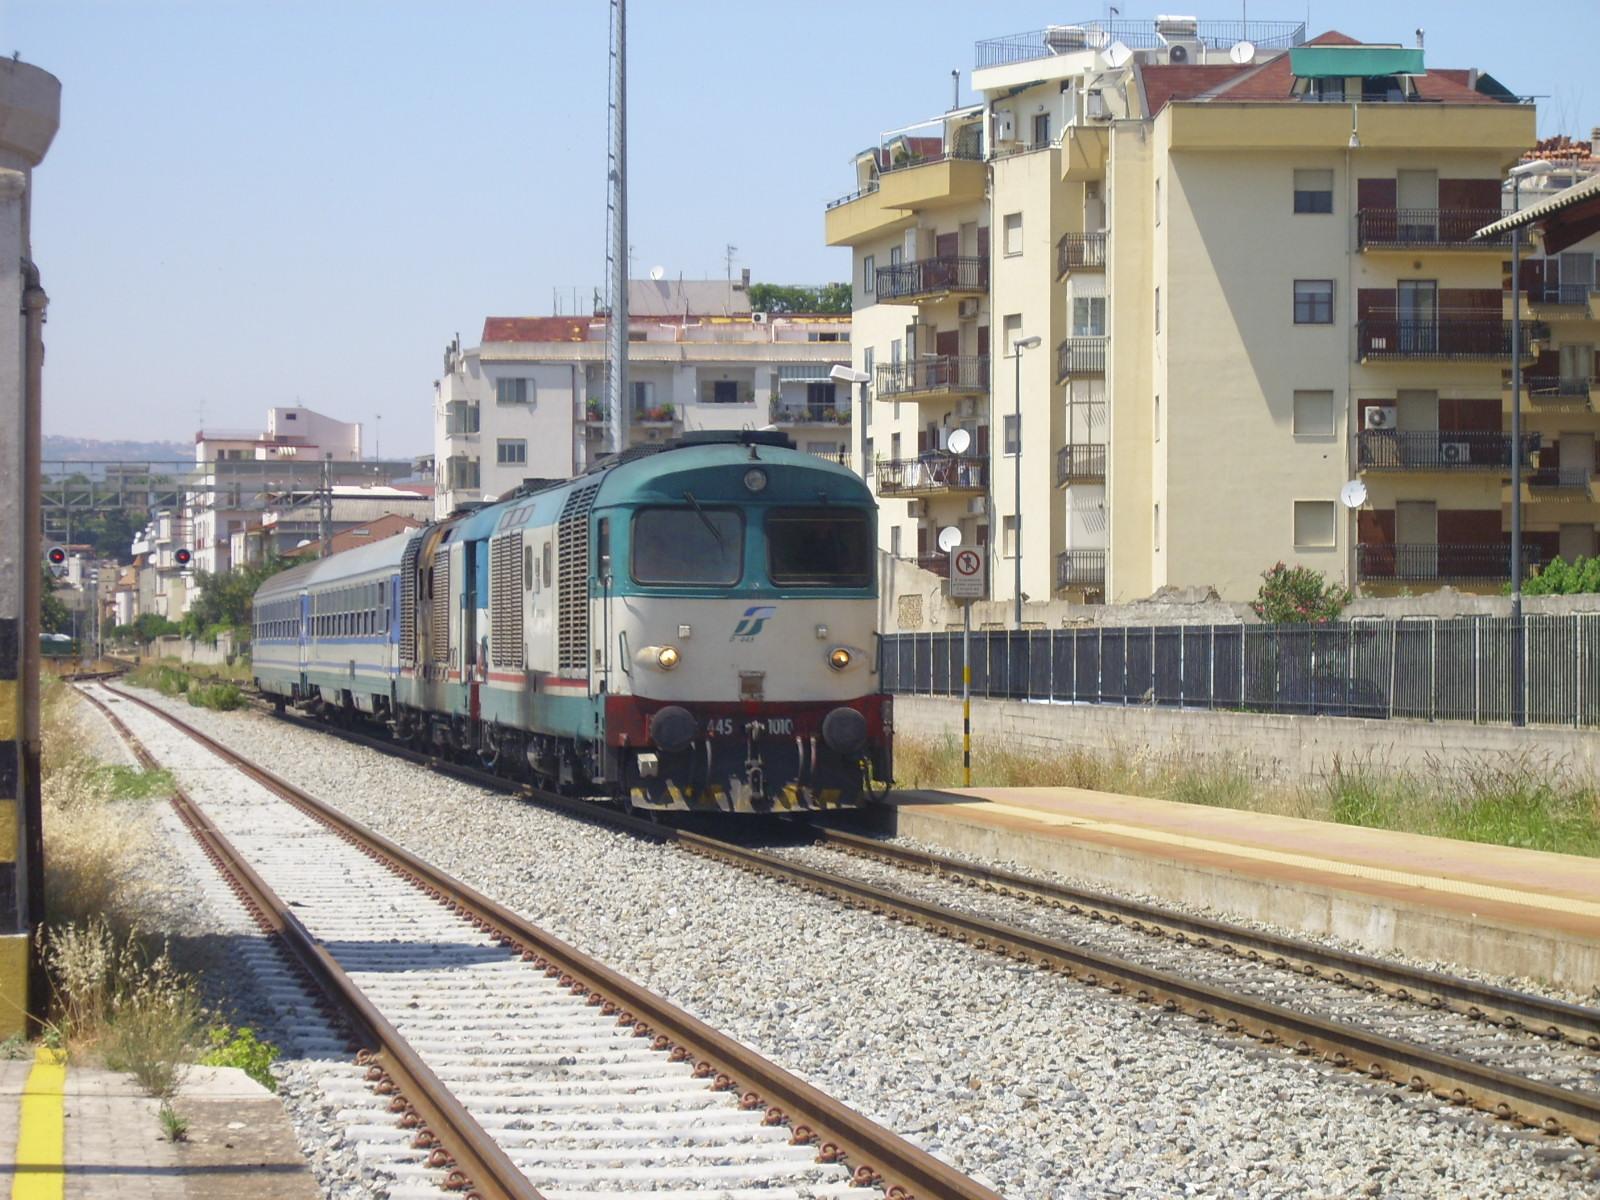 Segnalati ritardi sulla linea ferroviaria Reggio Calabria - Rosarno